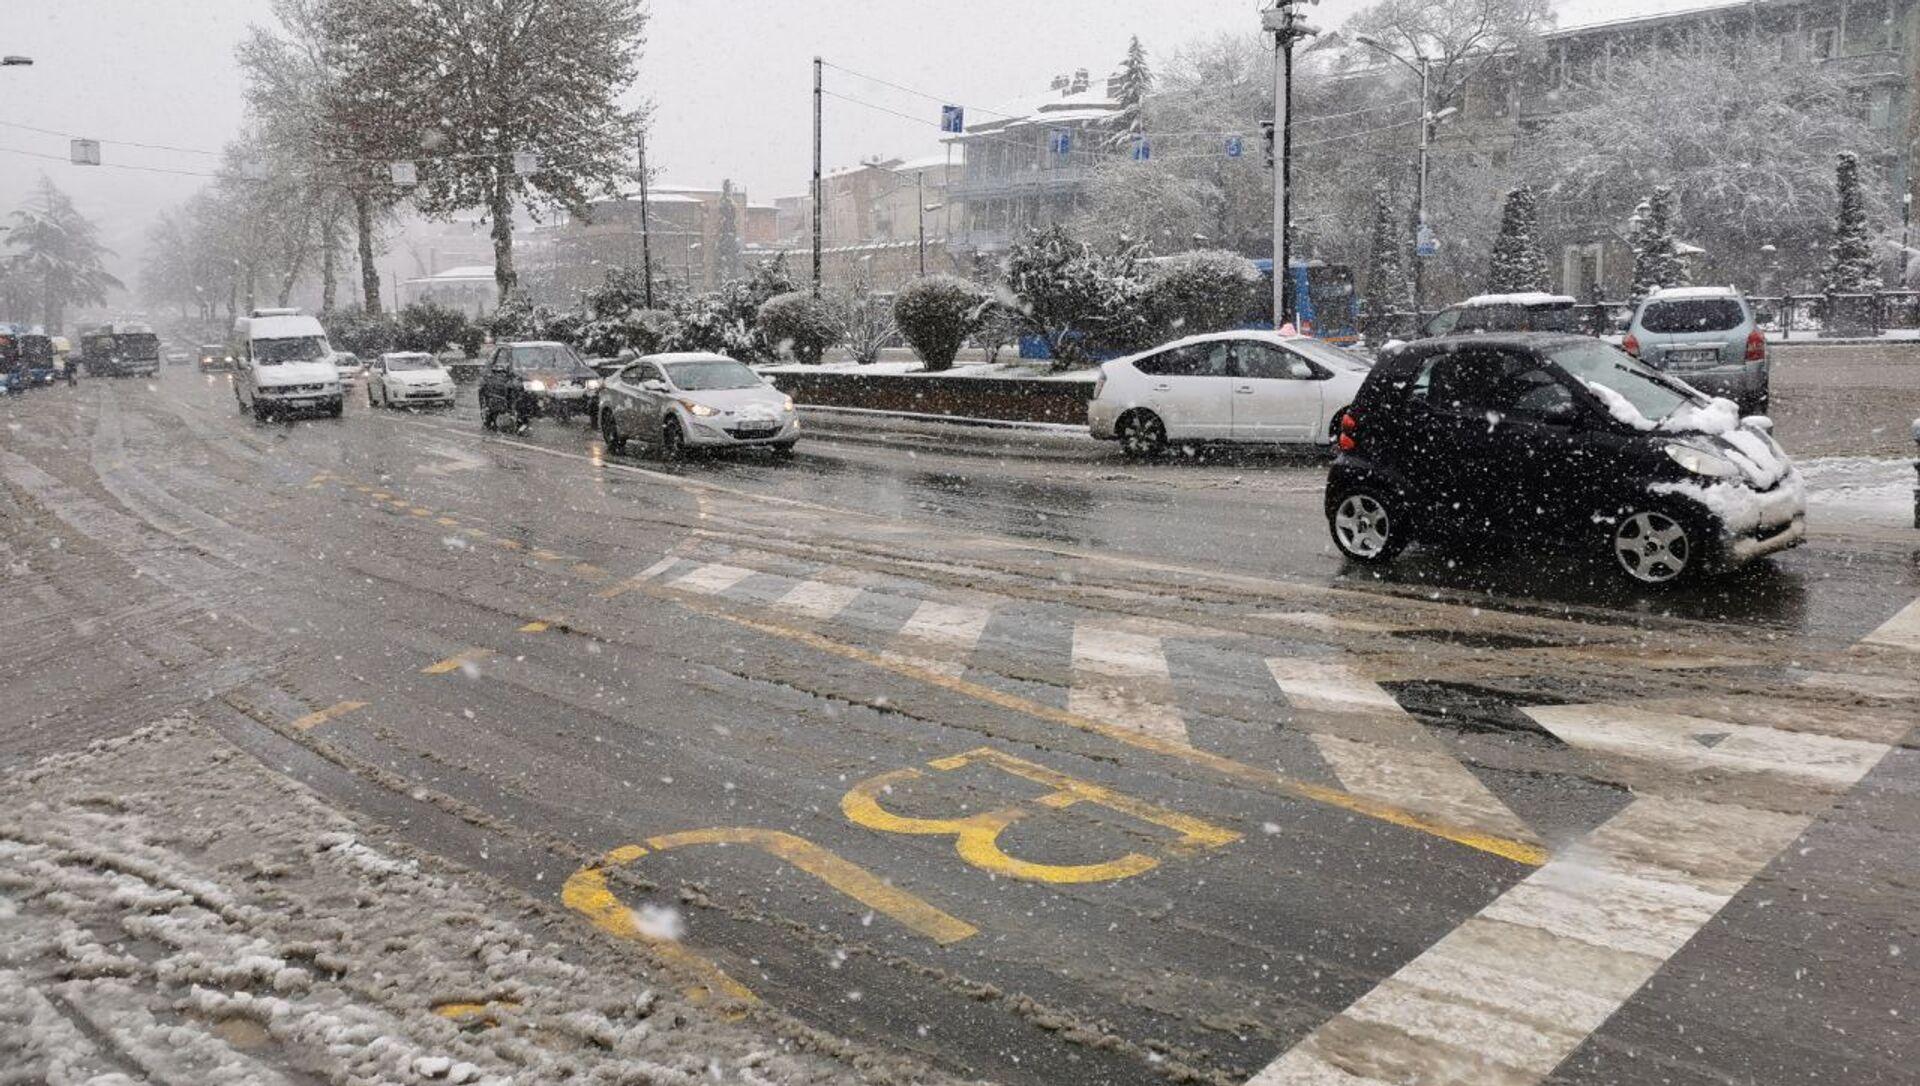 Снегопад в Тбилиси - автомобилисты передвигаются по улице Бараташвили - Sputnik Грузия, 1920, 17.02.2021